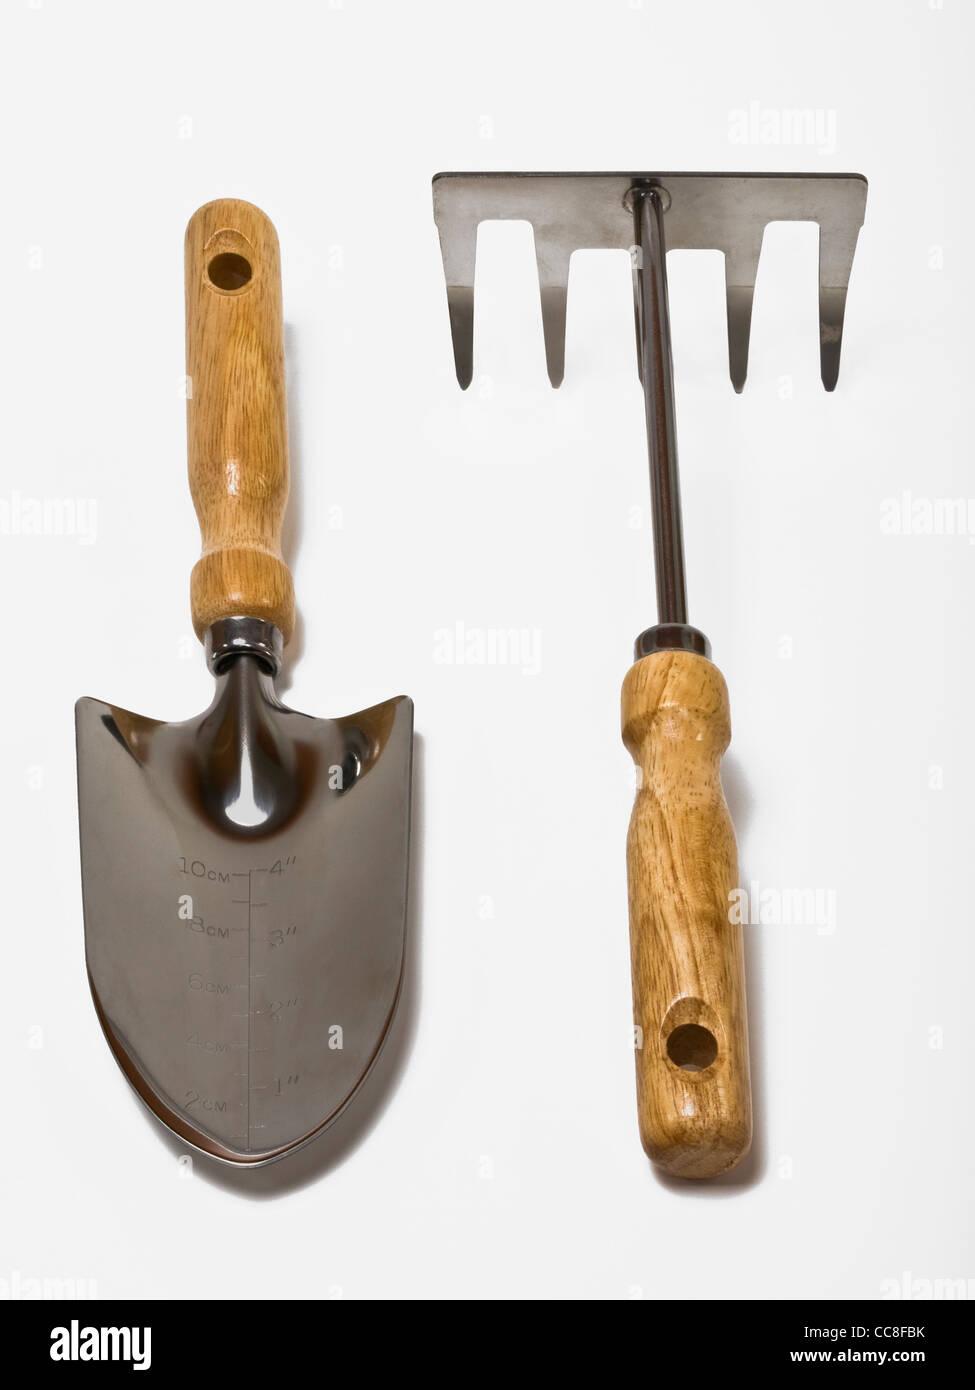 Detailansicht von Handspaten und Handrechen | Detail photo of a hand spade and a hand rake - Stock Image